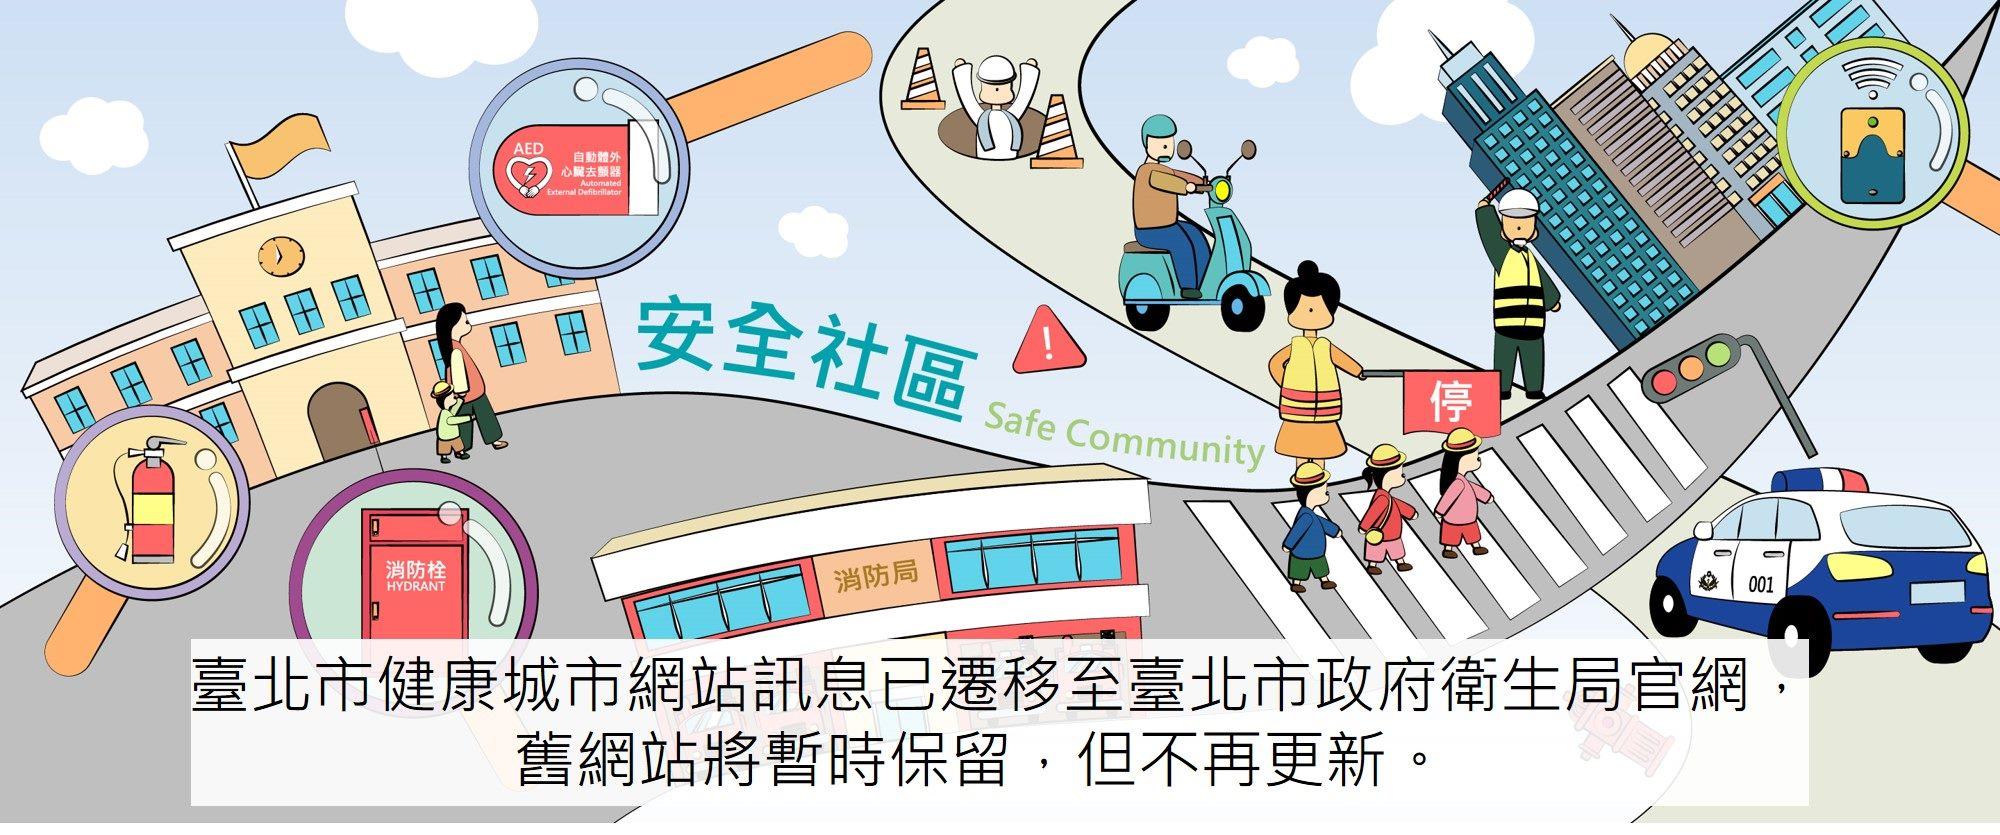 臺北市安全社區